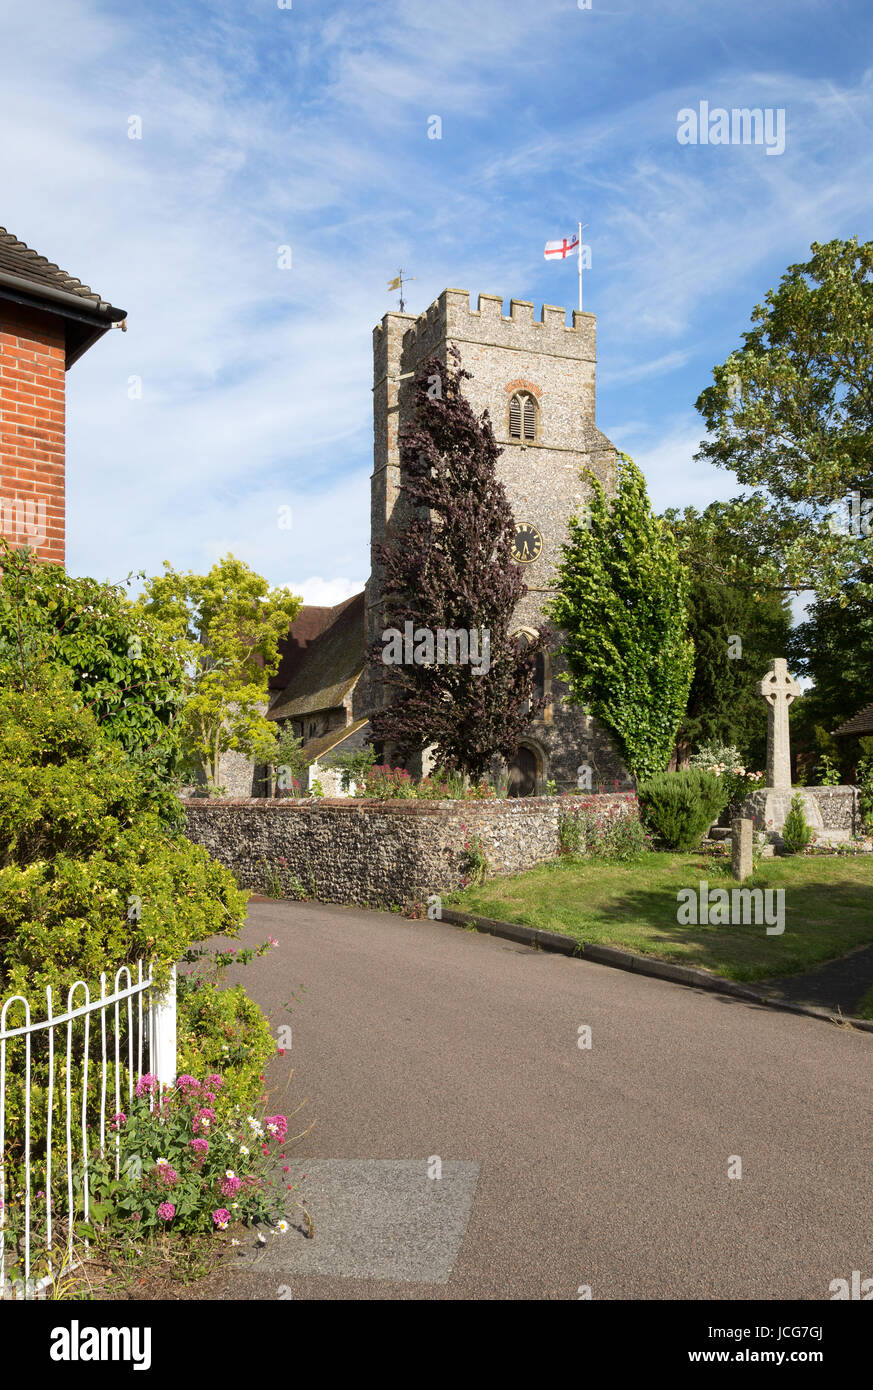 St Marys Church, Chartham village, Kent England UK - Stock Image